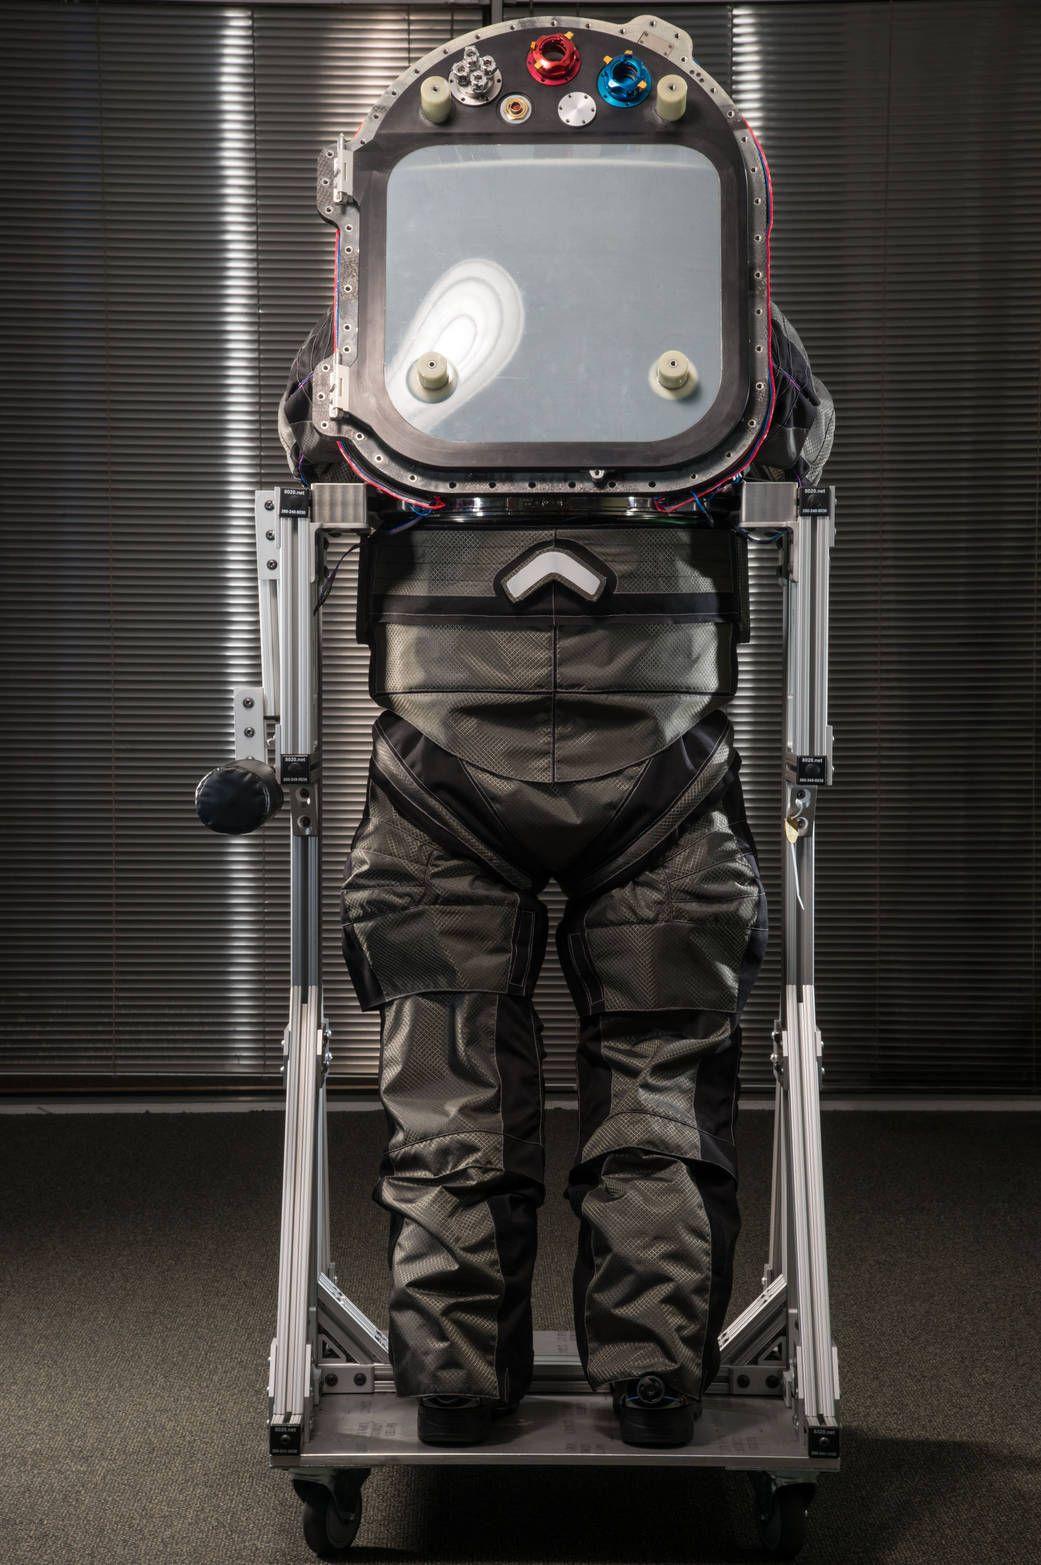 Exploration Development Suits Space Suit Nasa Nasa Missions